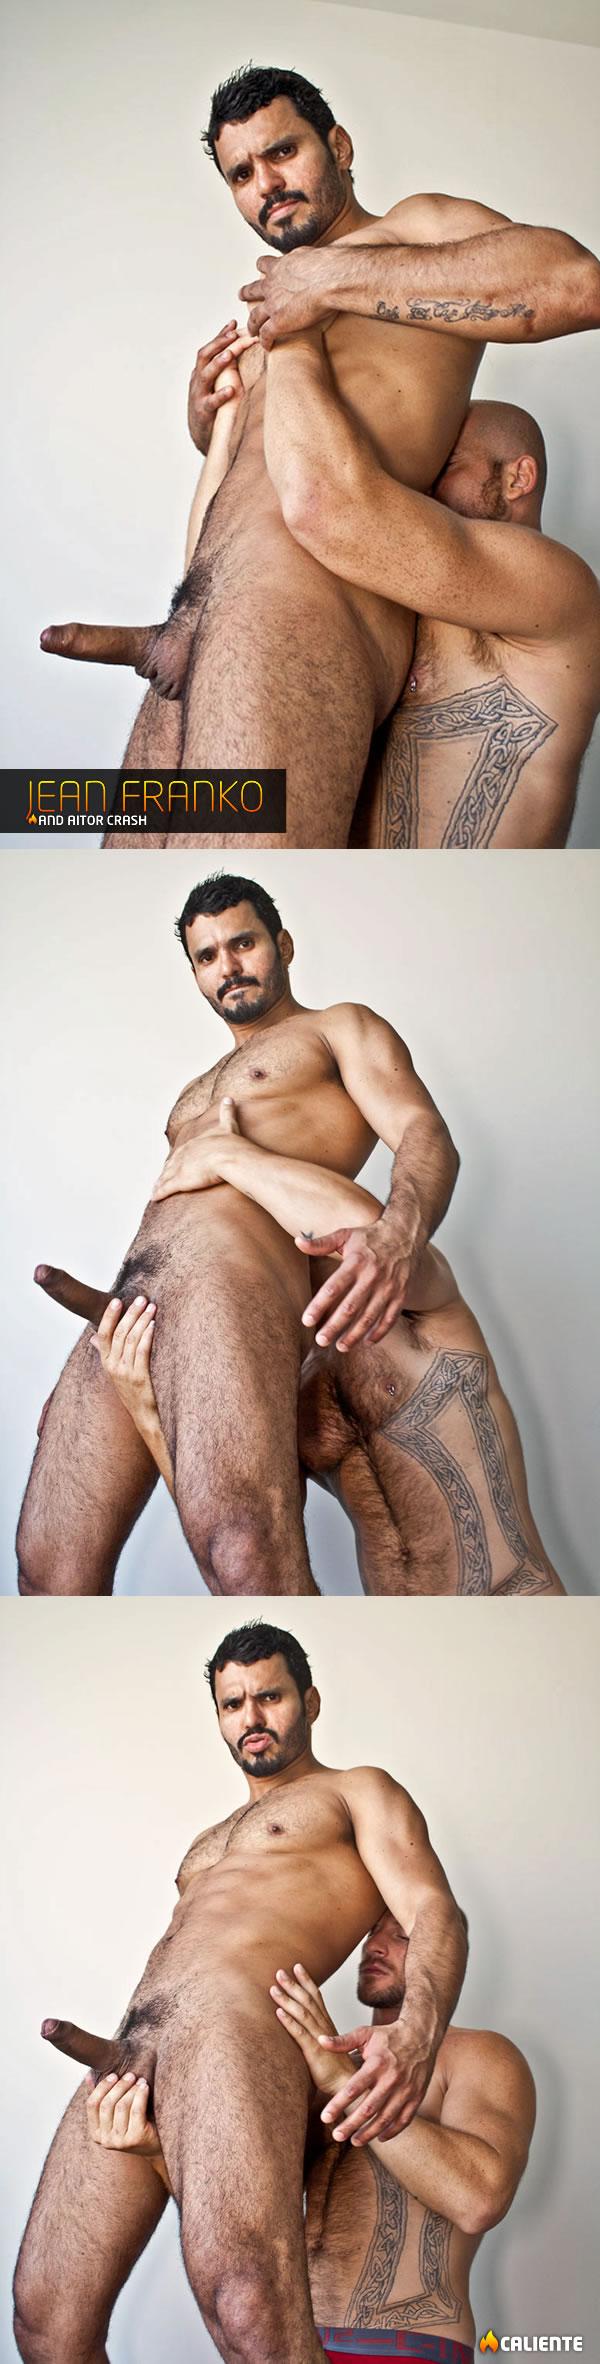 Aitor Crash Porno venezuelan at queerclick - page 2 of 2